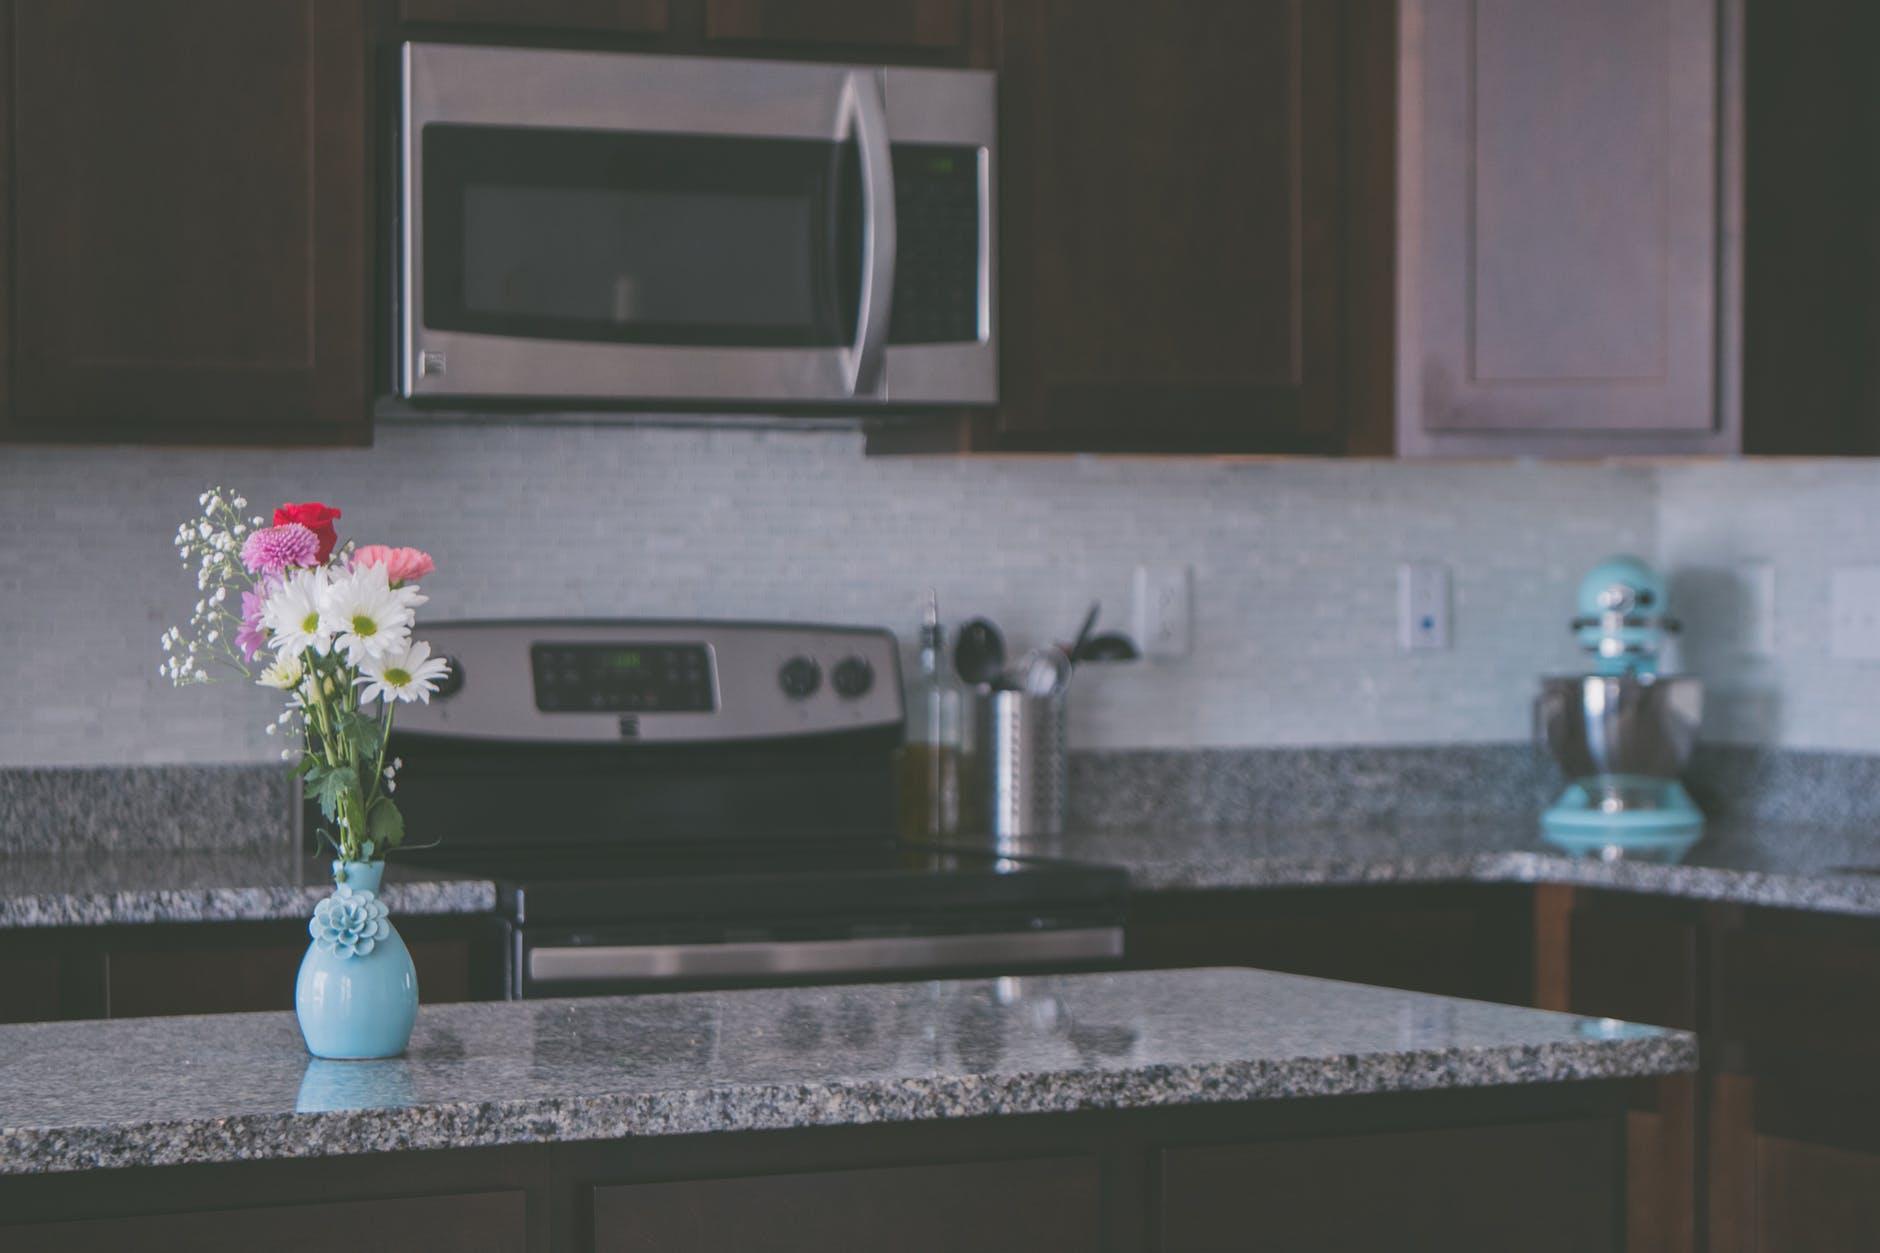 Stellar Kitchen & Cabinets 5